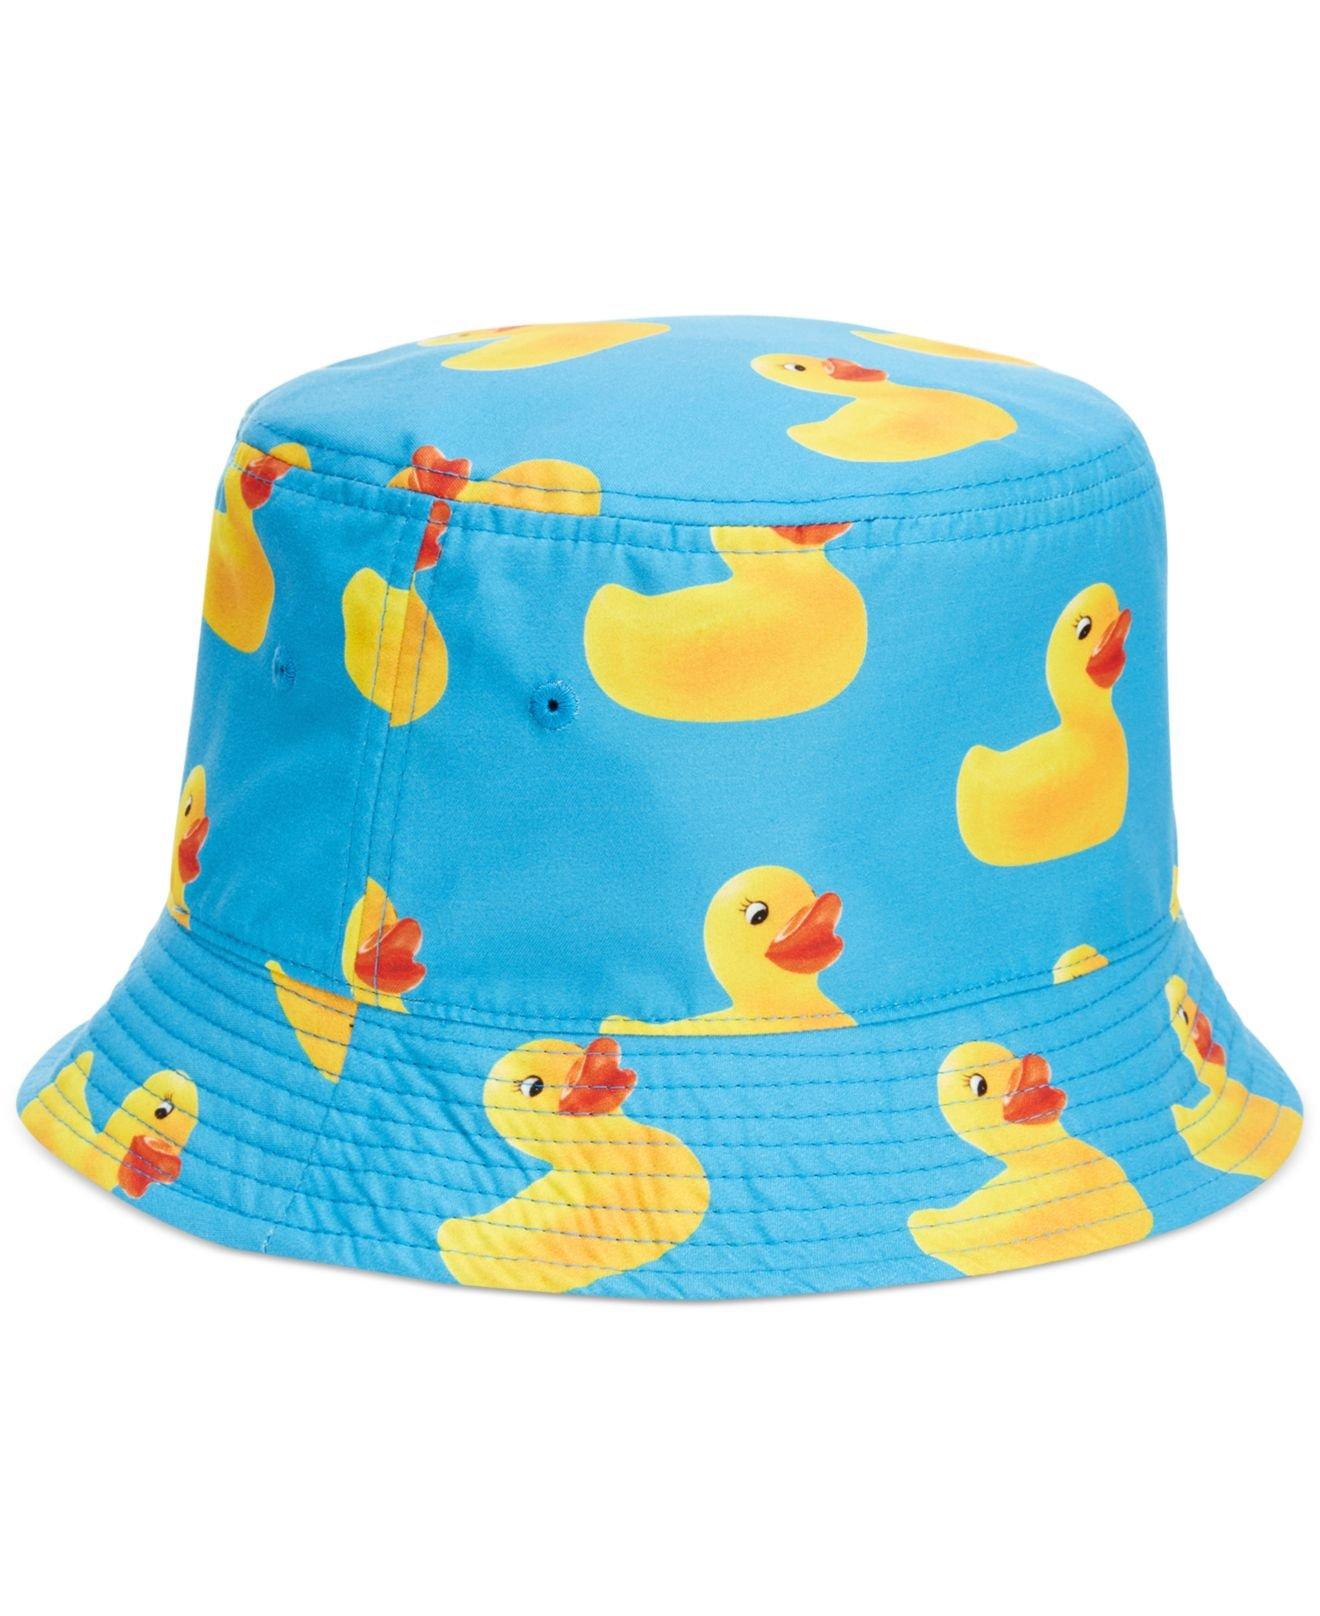 deac102130d Lyst - Neff Ducky Reversible Bucket Hat in Blue for Men